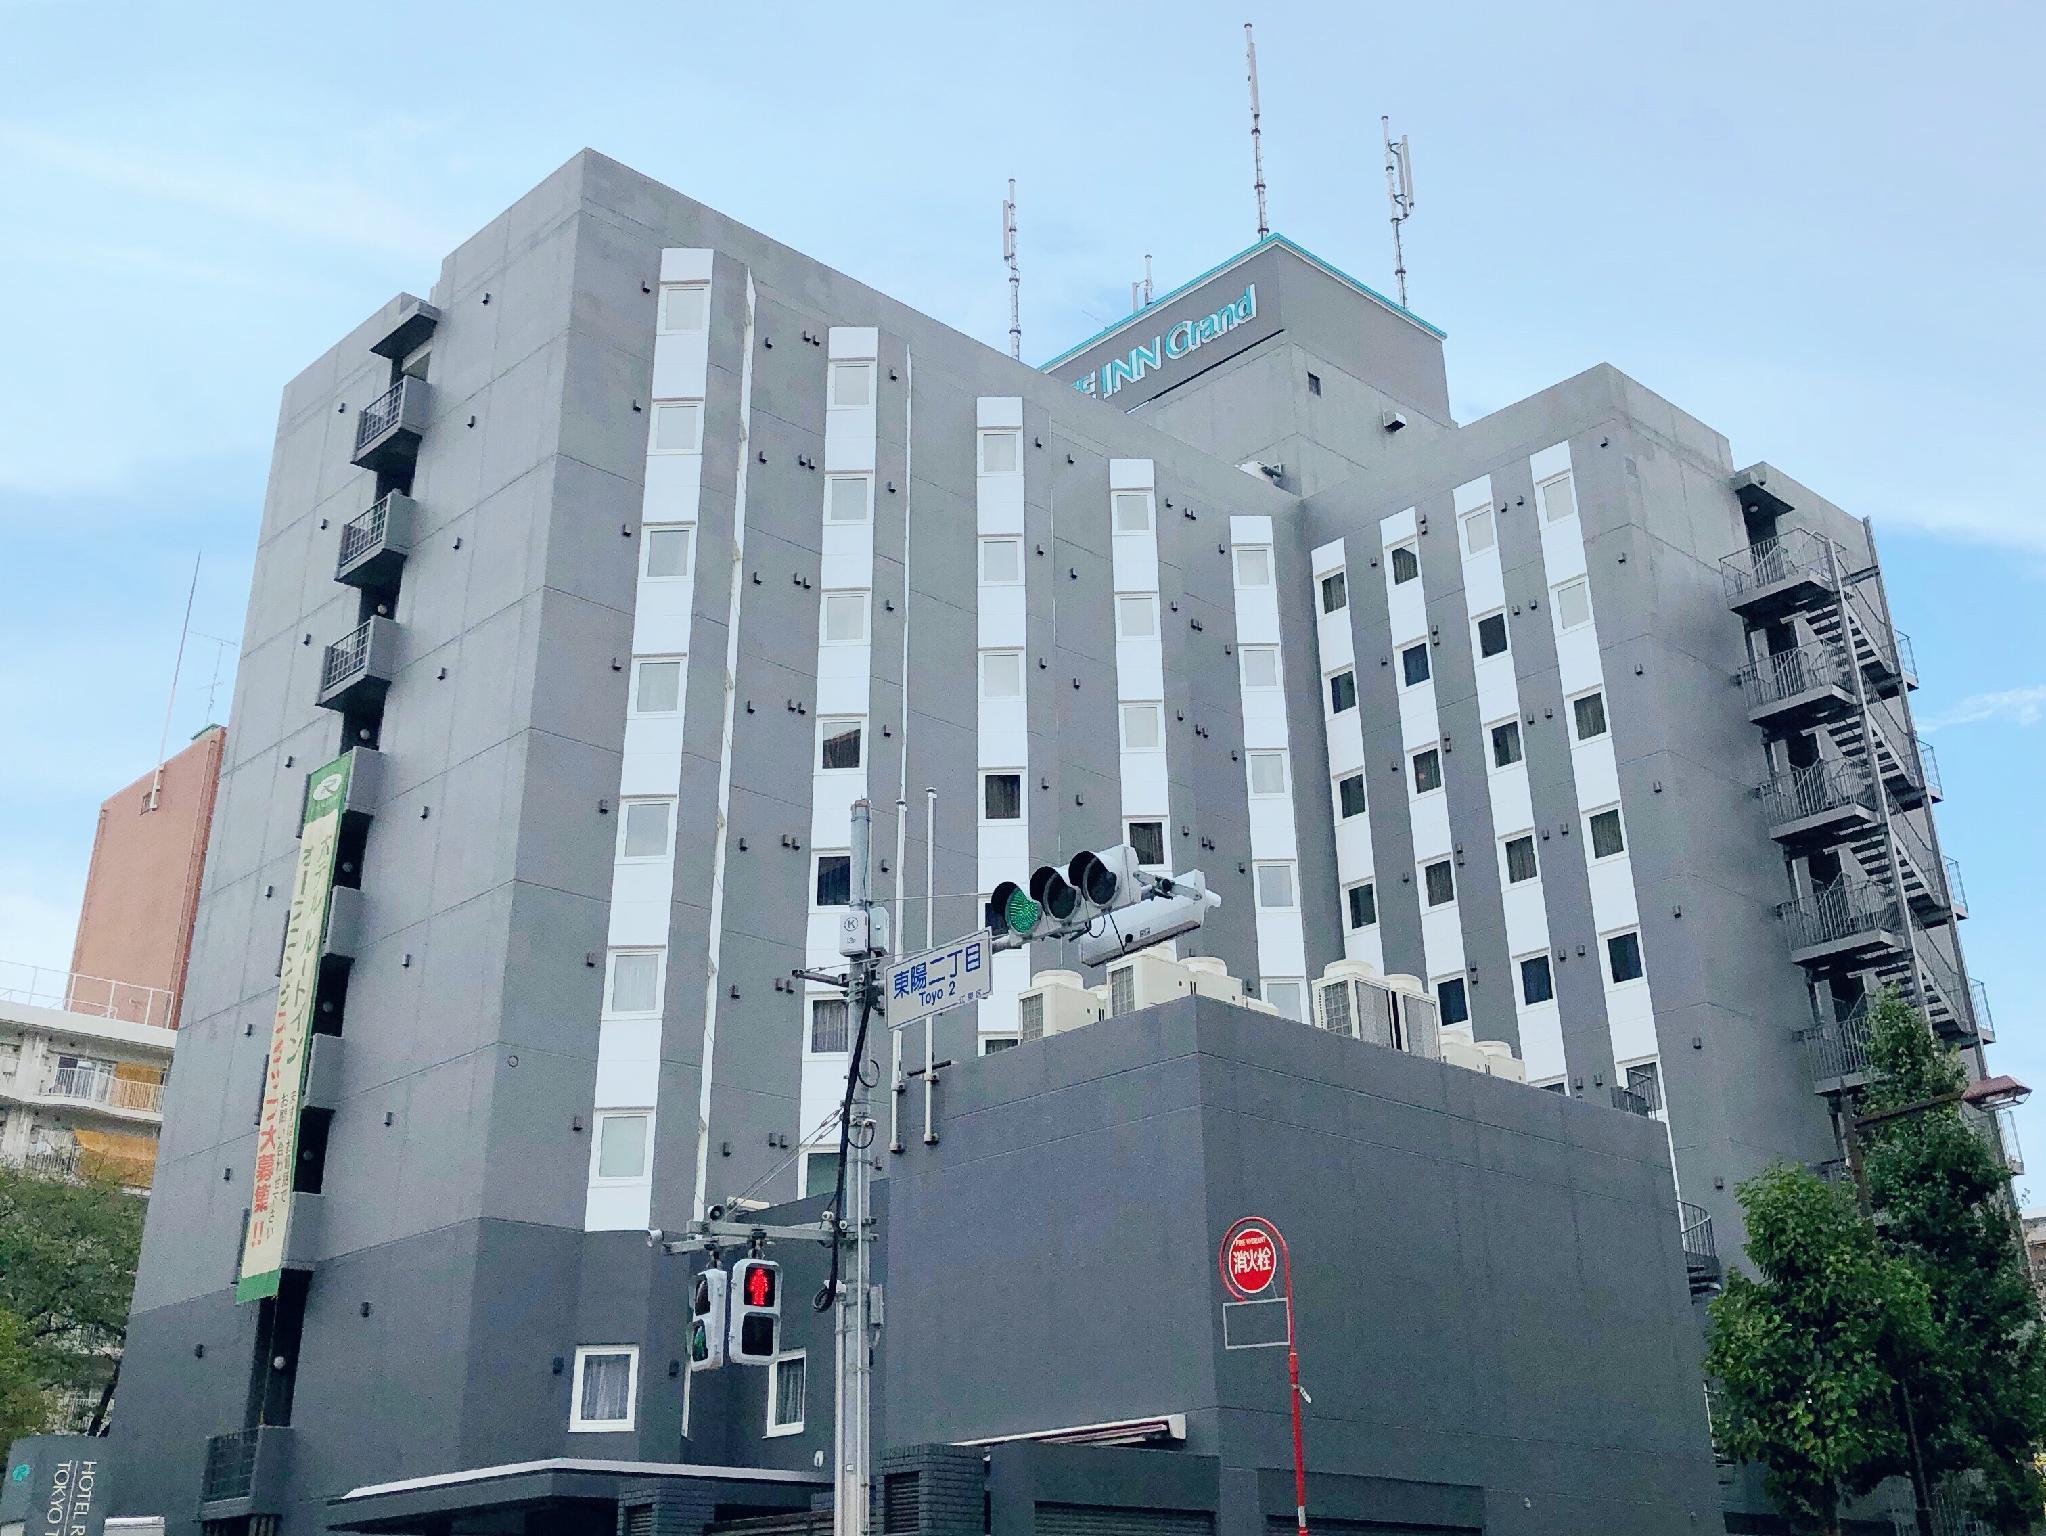 โรงแรมรูท-อินน์ แกรนด์ โตเกียว โทโยโชะ